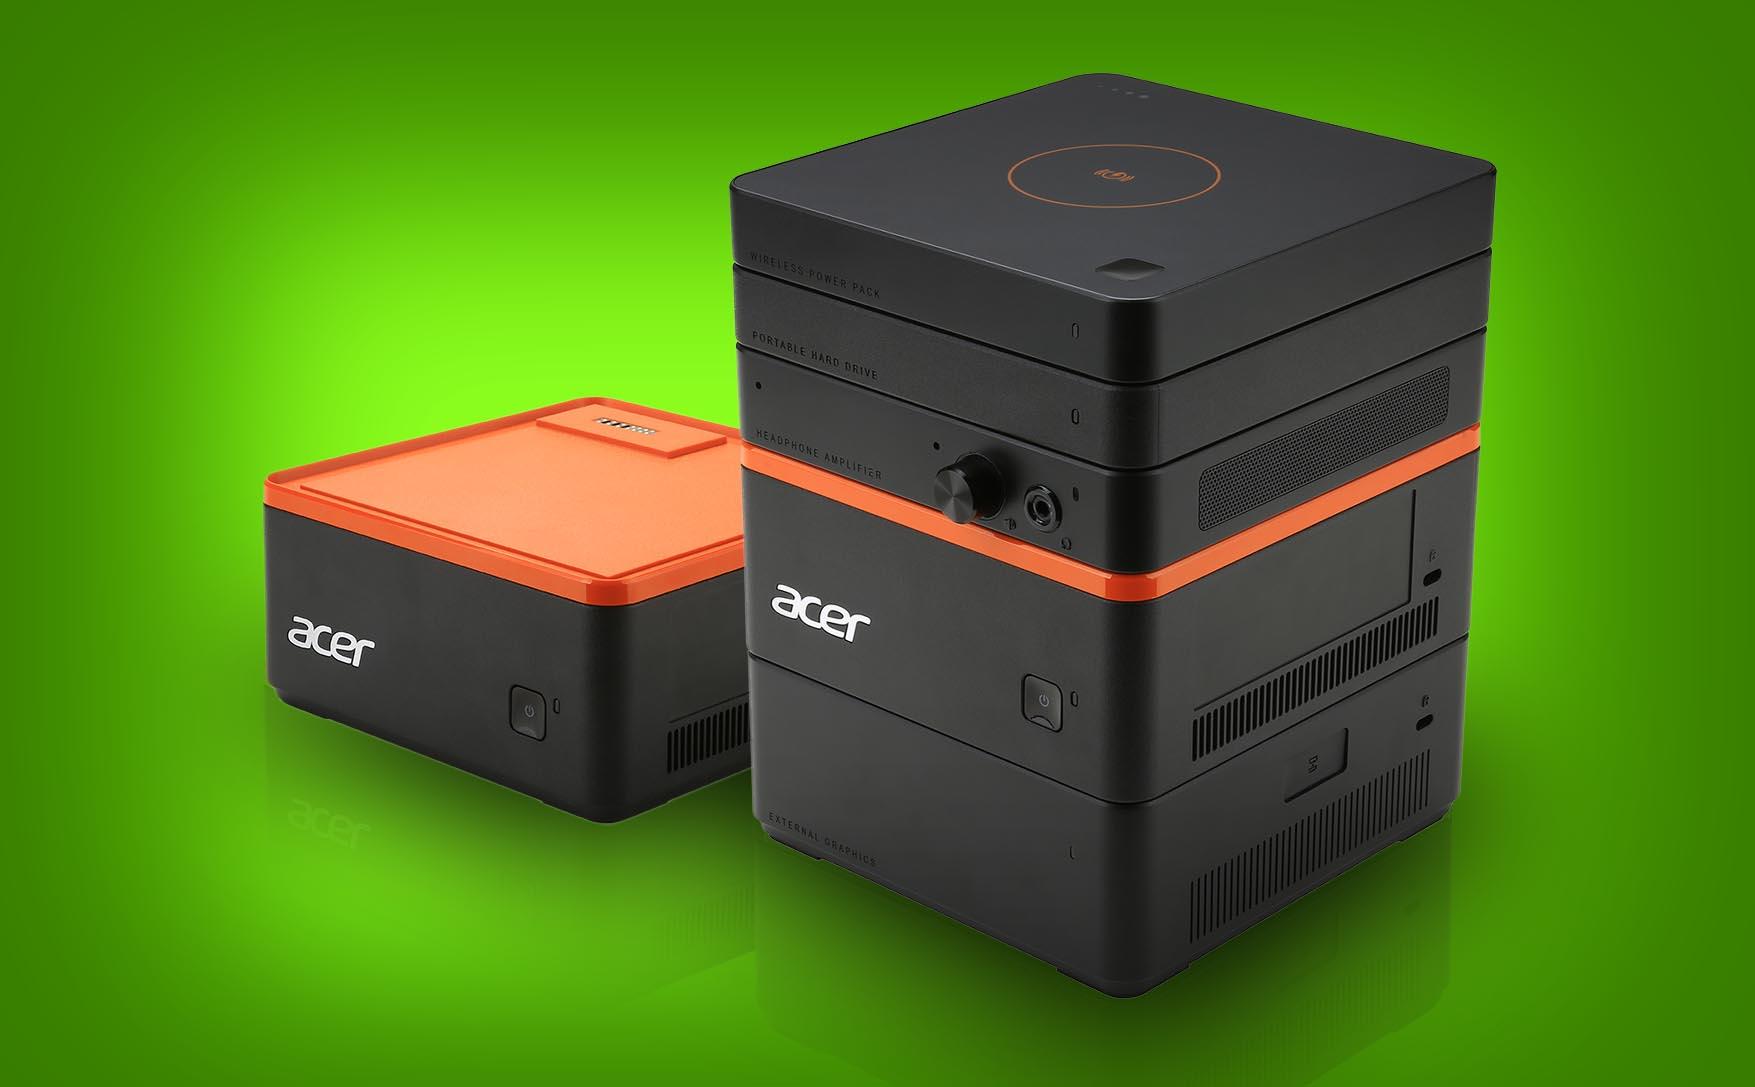 Acer presenta el PC modular Revo Build y un todo en uno con cámaras 3D para Windows Hello